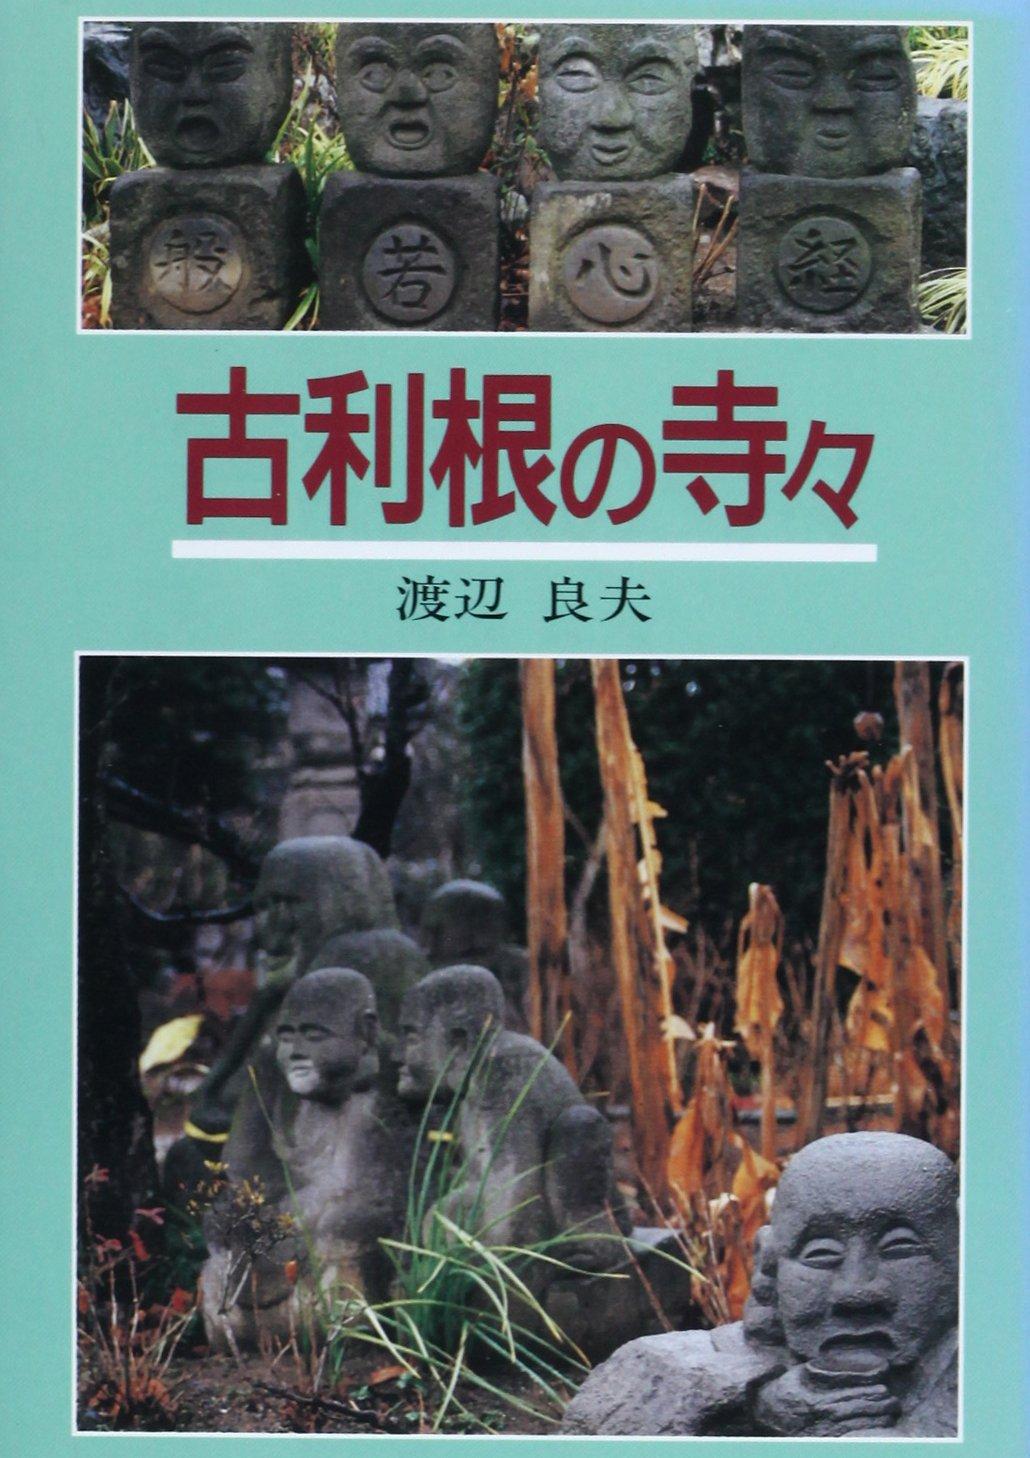 古利根の寺々